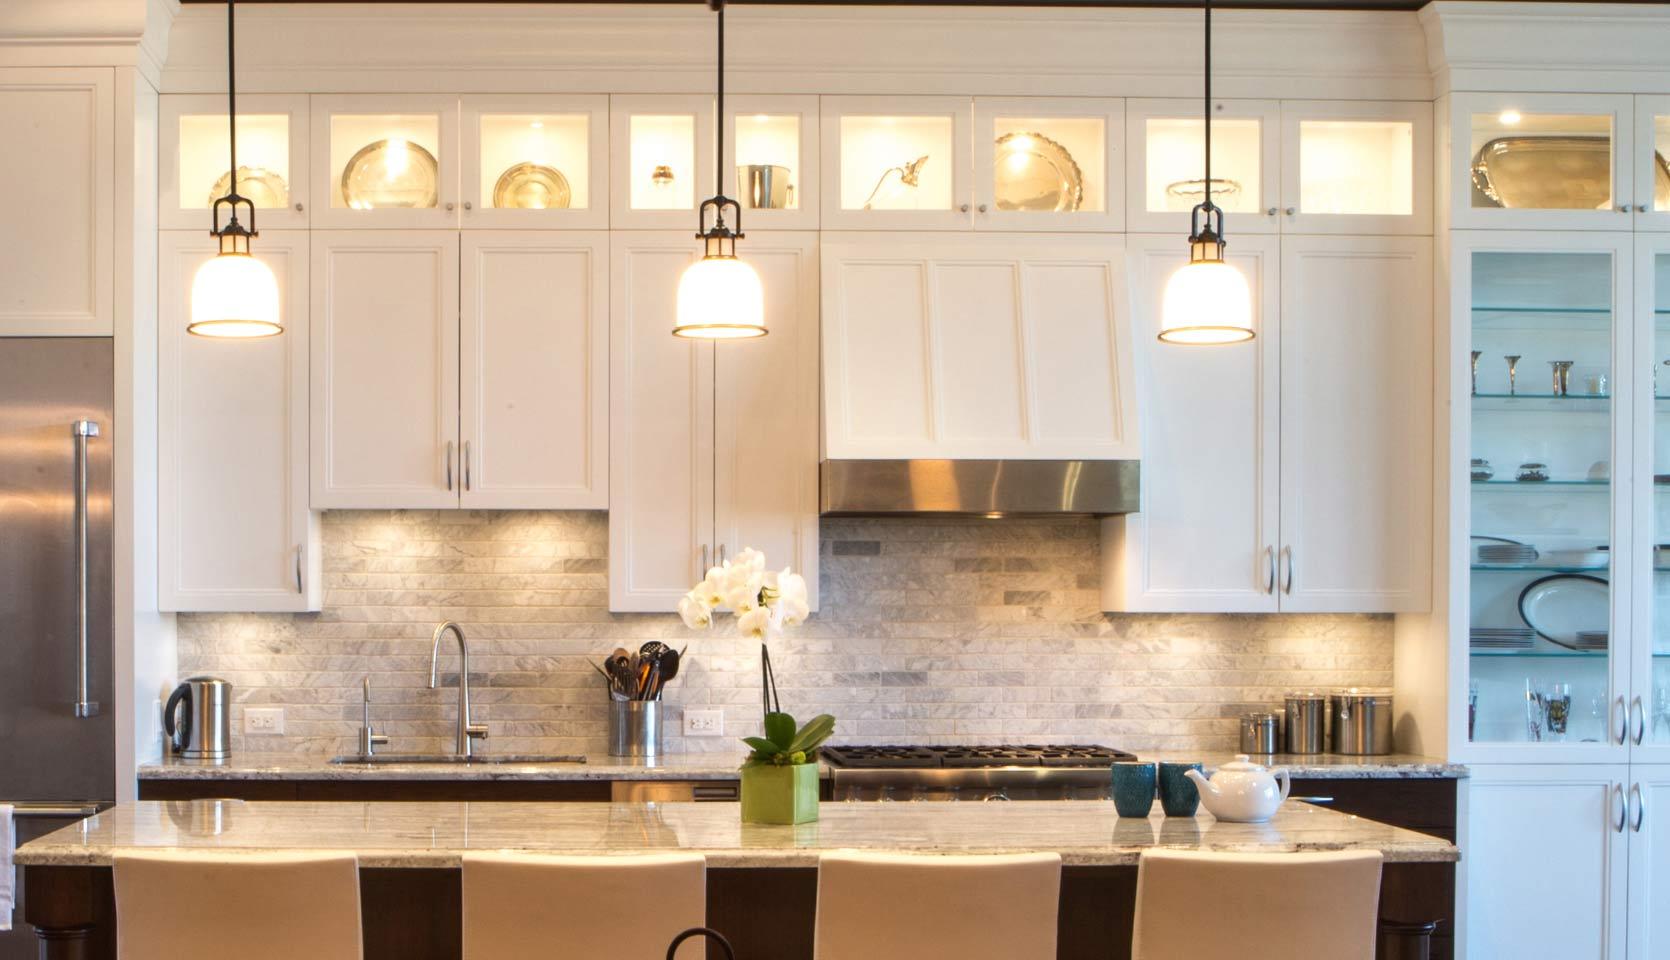 severnwoods-custom-house-detail-Leaside-House-1-b